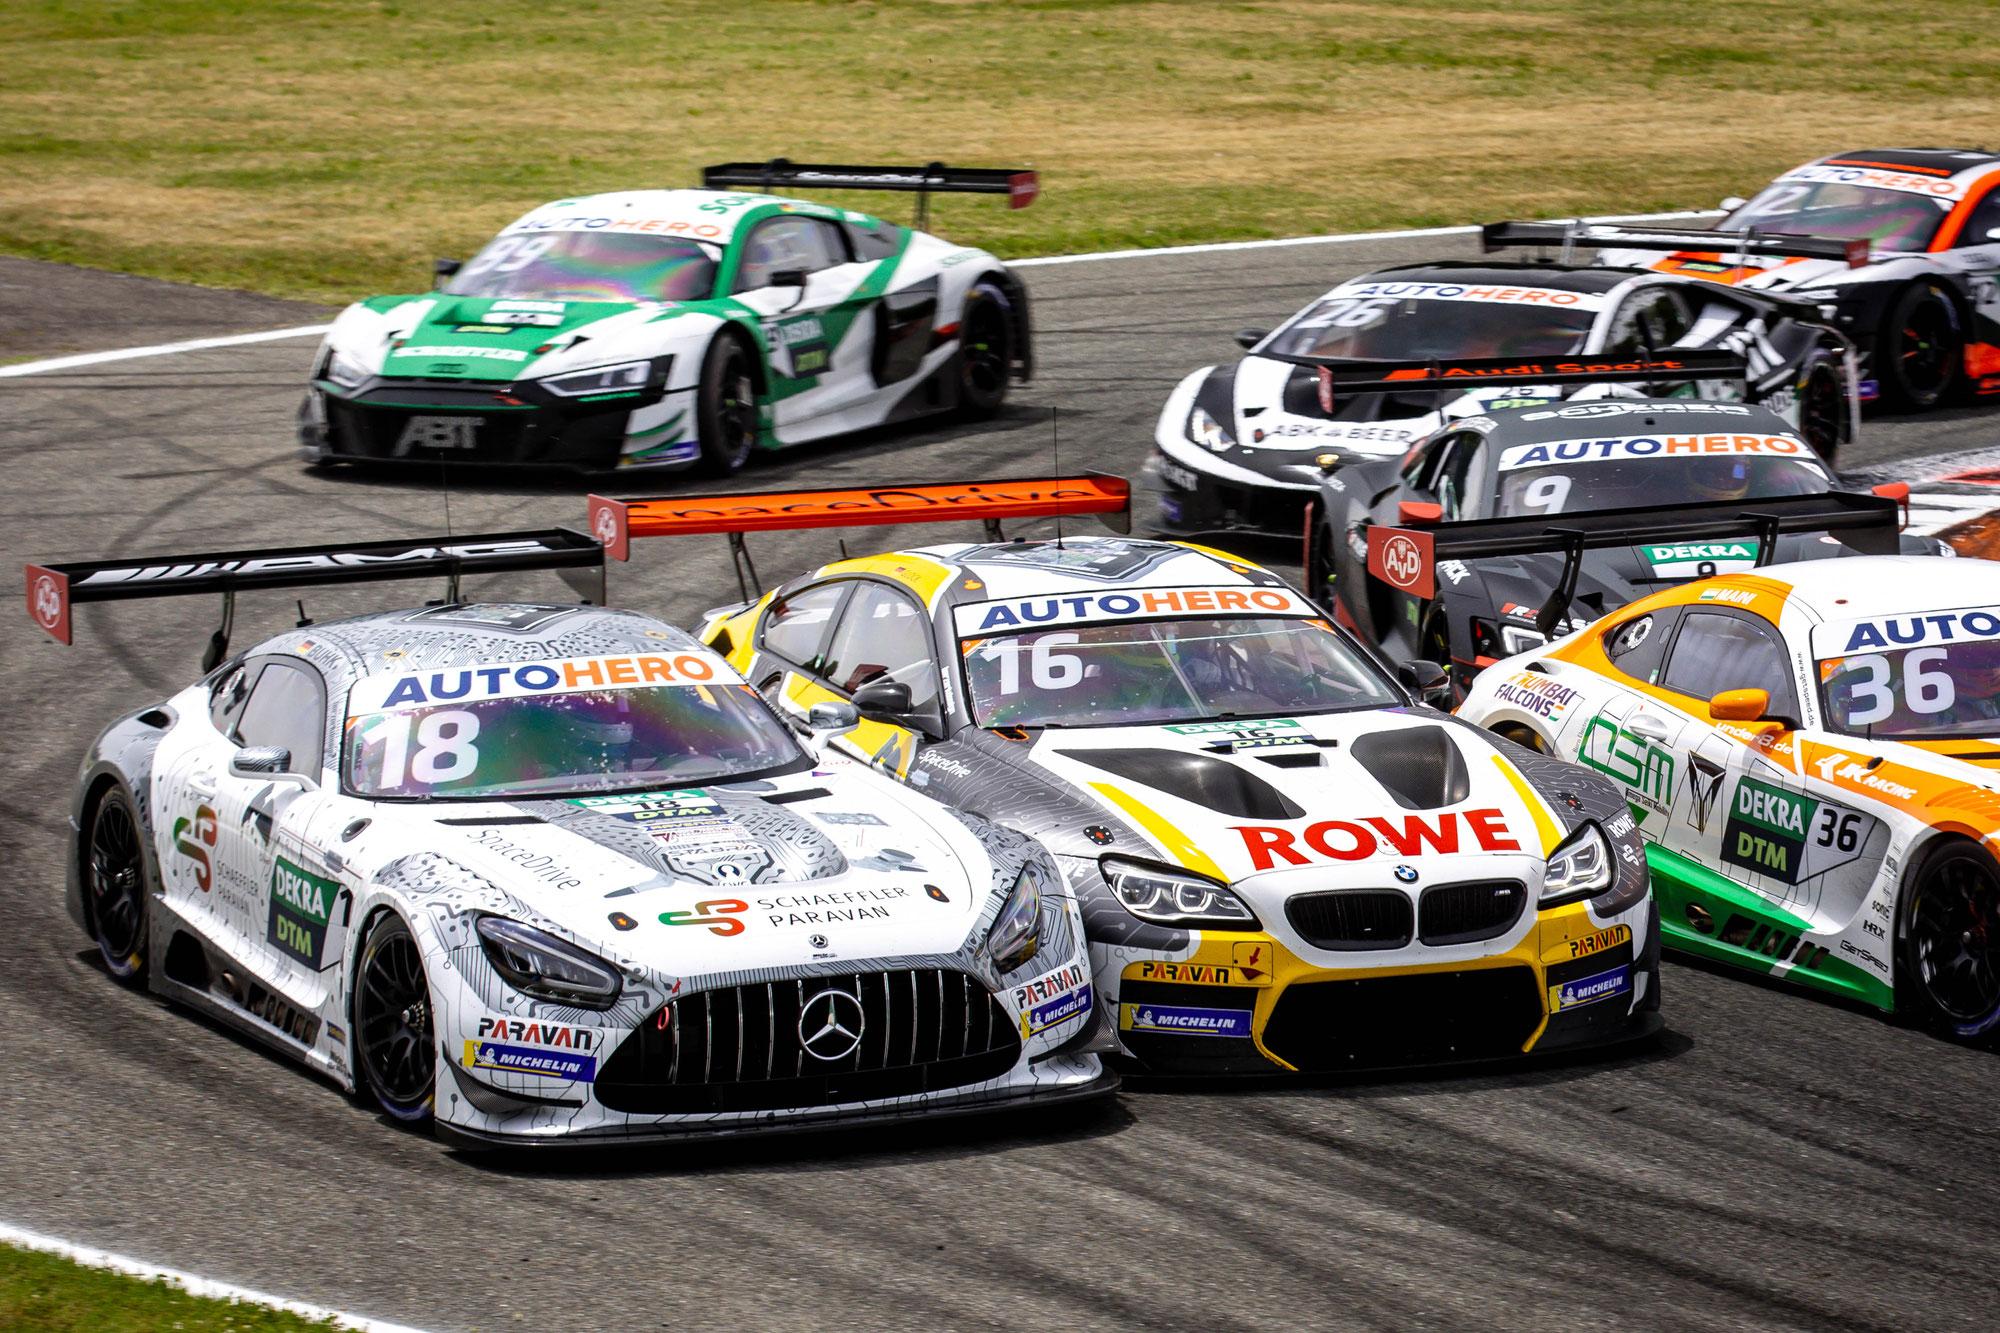 Gelungener DTM-Start für Mercedes-AMG Team Mücke Motorsport und Maximilian Buhk